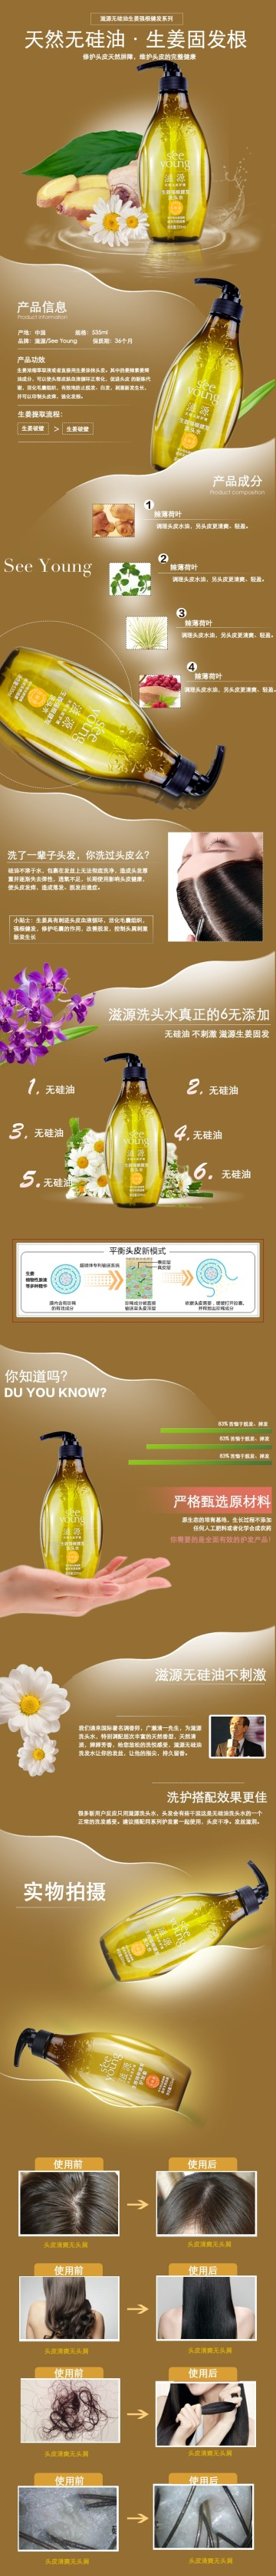 自然清爽无硅油姜汁养发洗护产品电商详情图